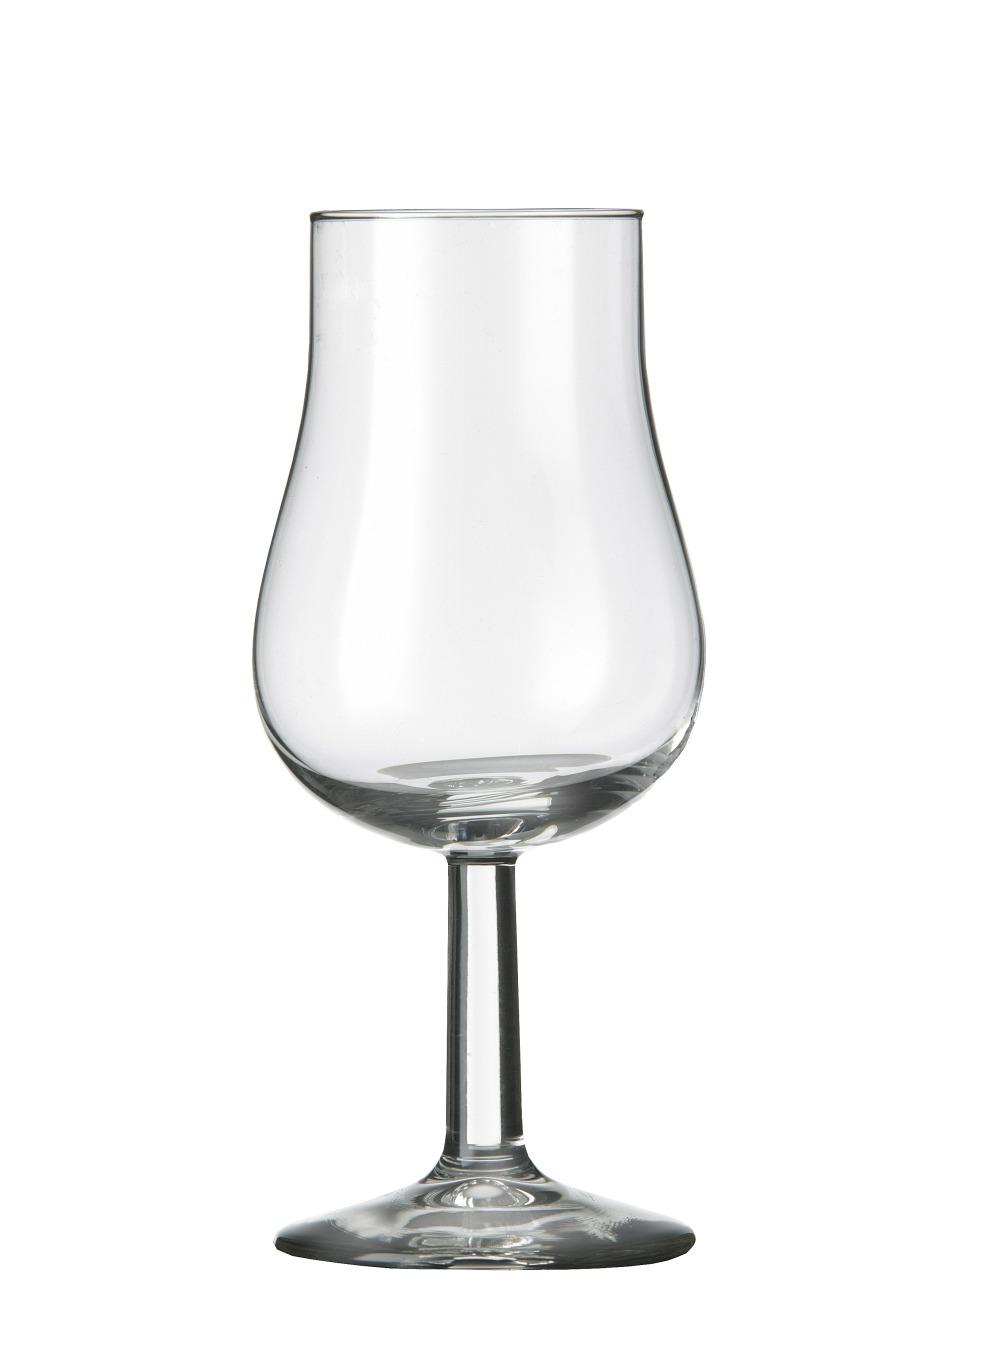 royal_leerdam_wijnglas_specials_13cl.jpg